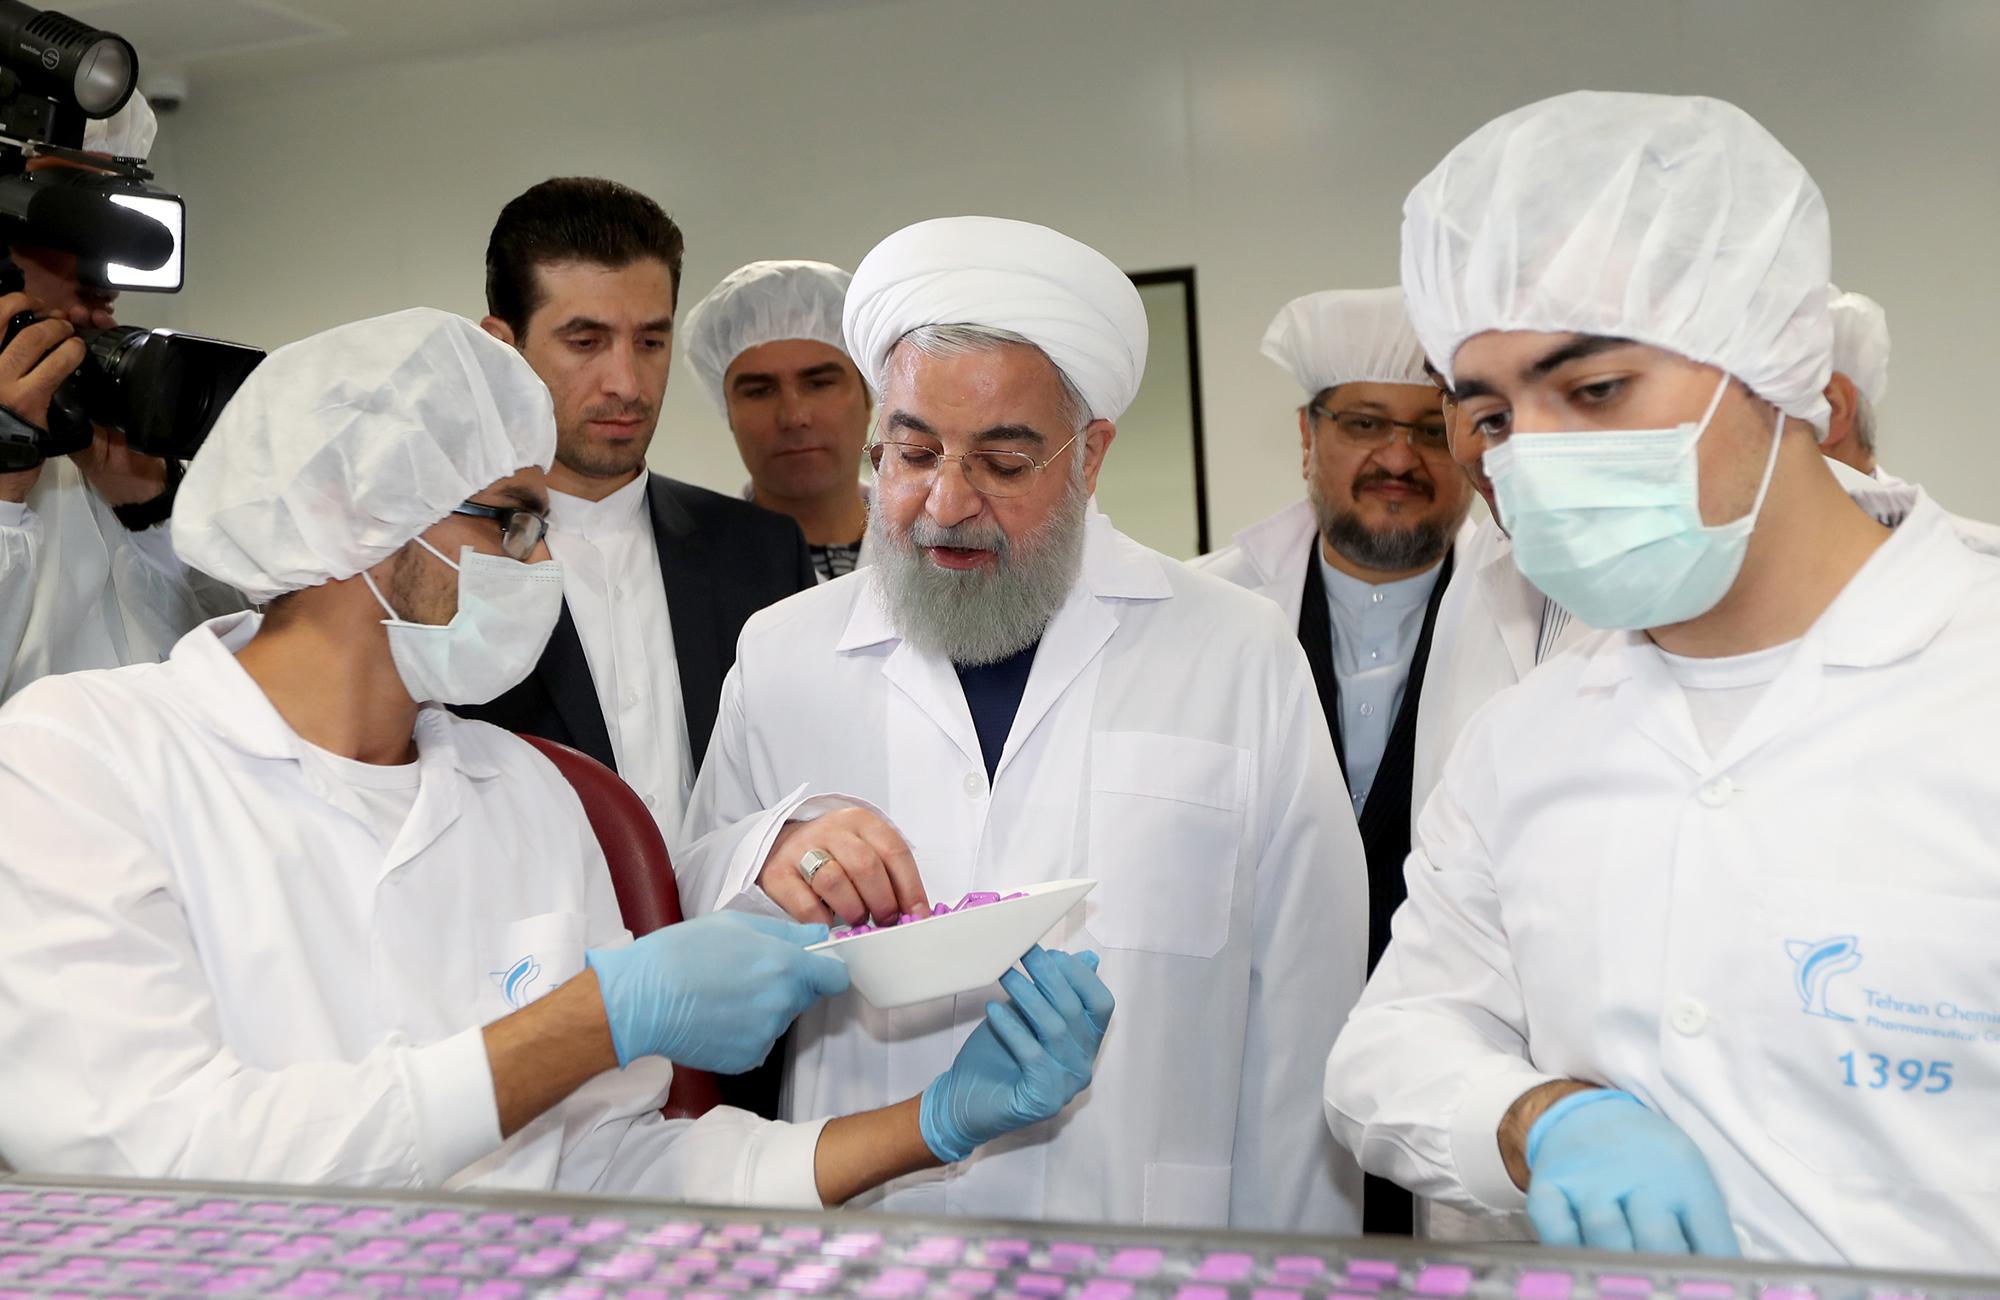 با حضور رئیس جمهور؛  خط تولید جامدات و آزمایشگاه مرجع داروسازی تهران شیمی افتتاح شد